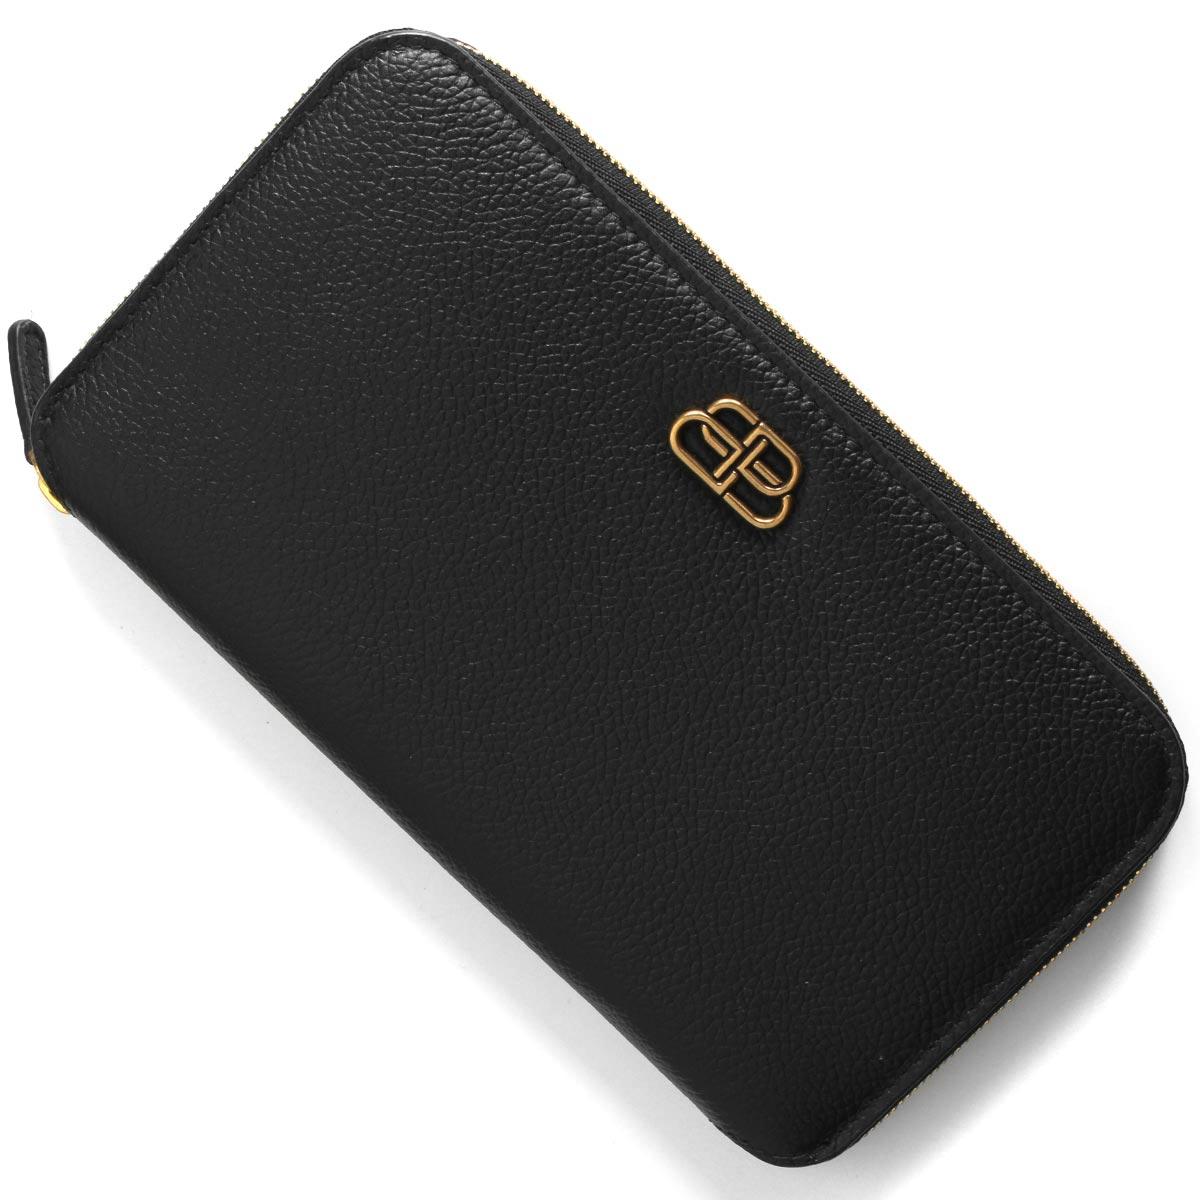 バレンシアガ 長財布 財布 メンズ レディース ビービー ブラック 601390 1IZ7M 1000 BALENCIAGA